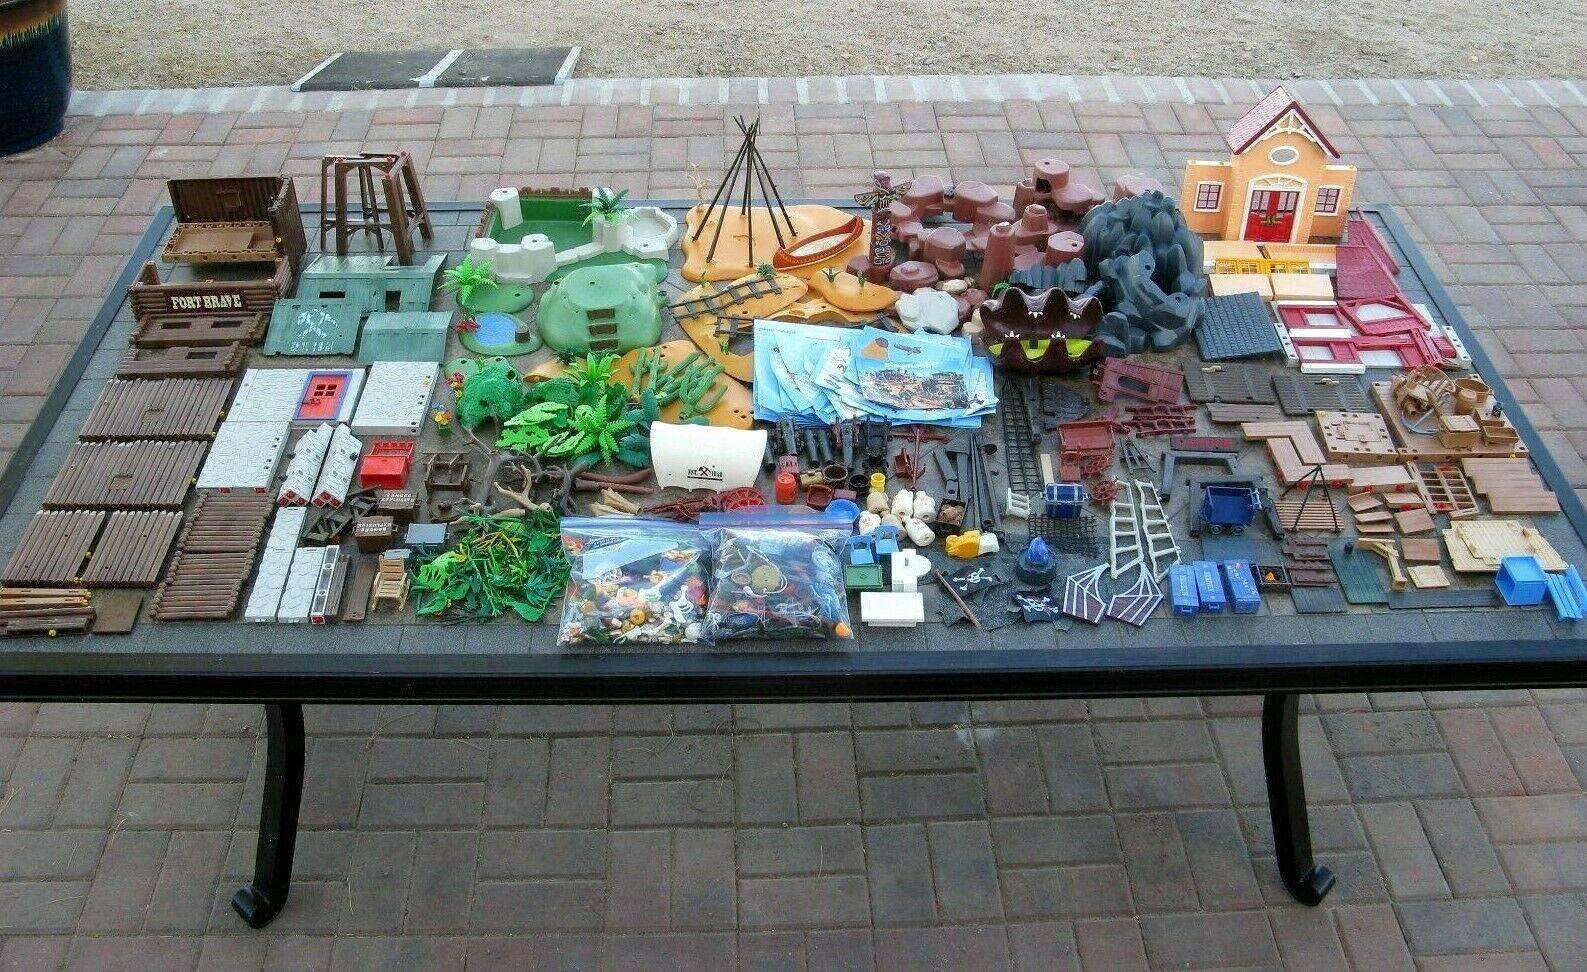 El gran Jugarmobil, cientos de piezas y componentes.